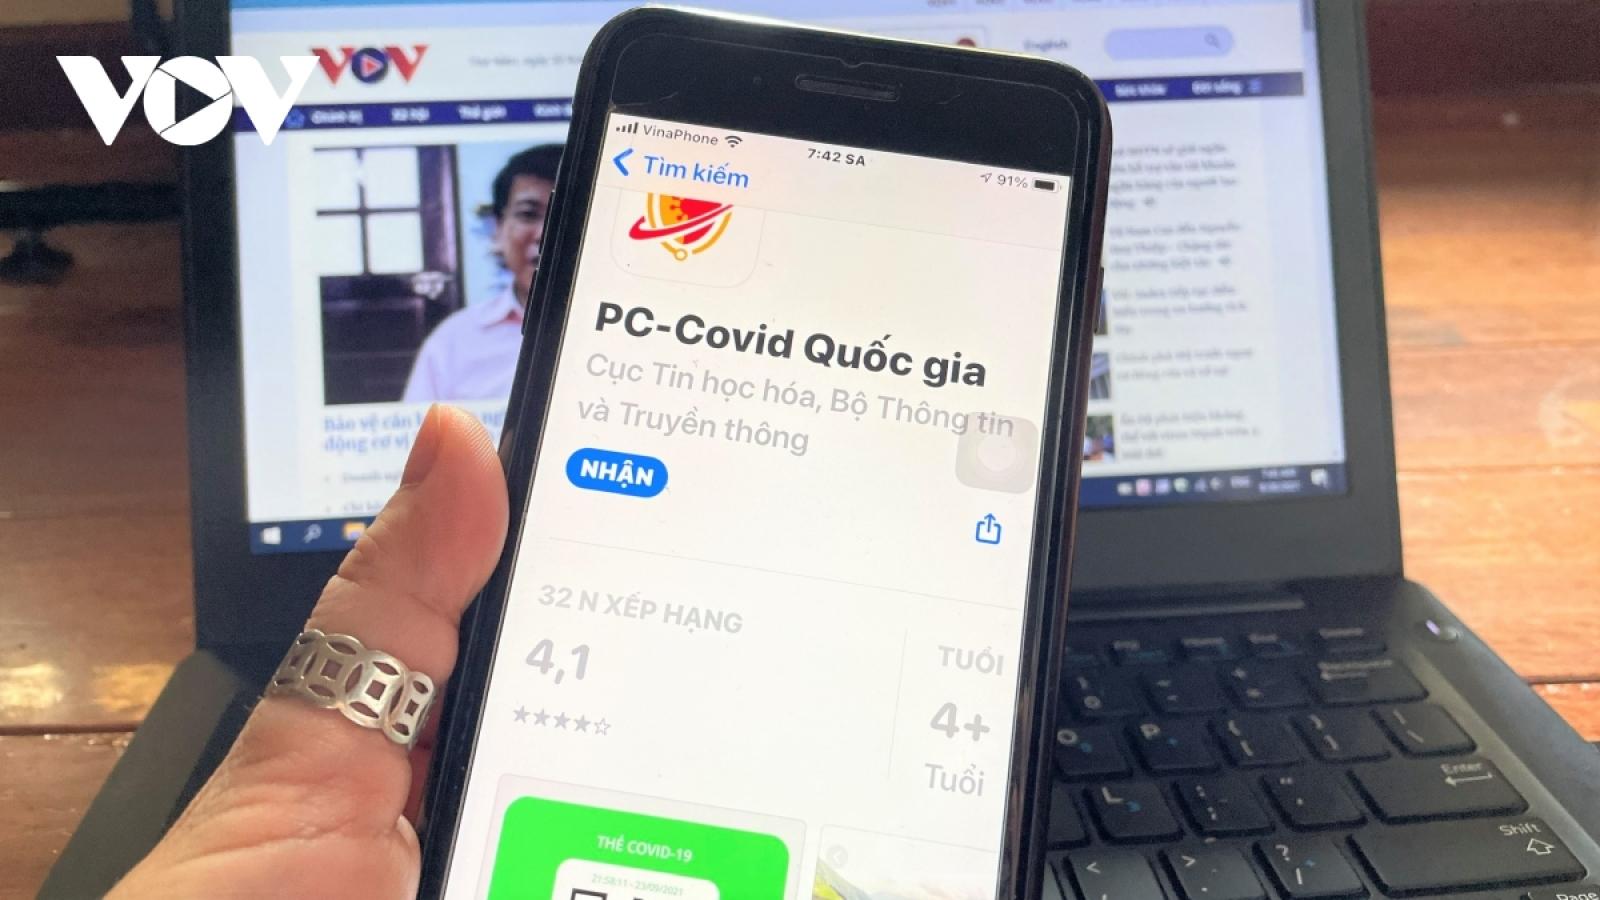 Cảnh báo lộ lọt thông tin cá nhân khi chia sẻ mã QR thẻ COVID-19